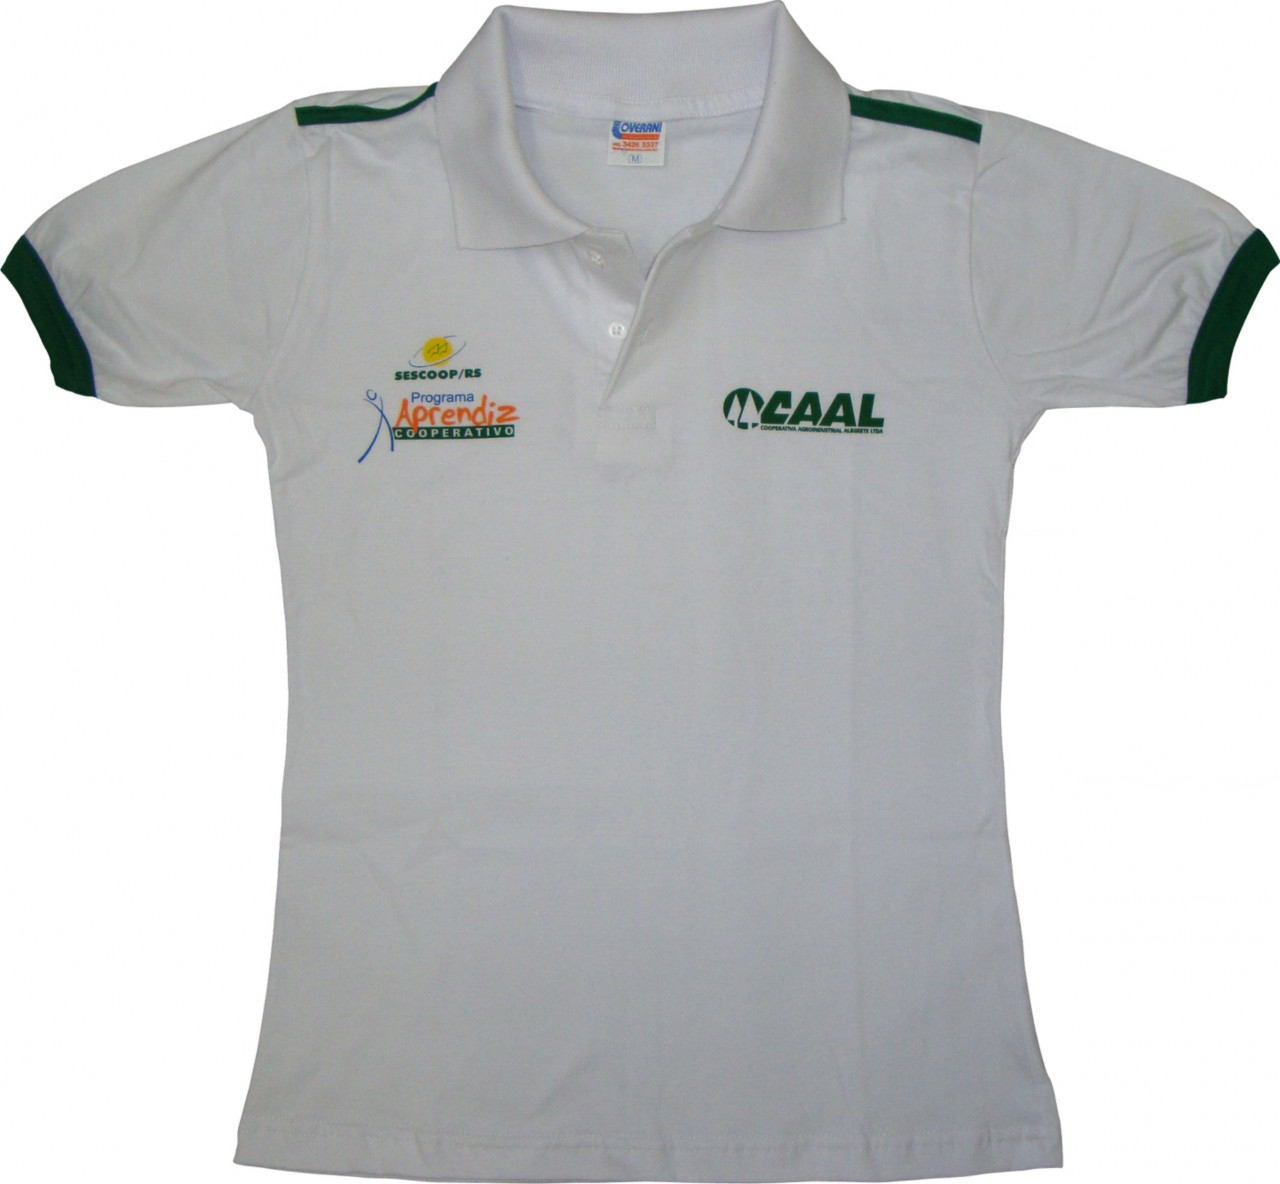 Personalização pessoal ou profissional - Coloque o seu estilo na camiseta - Aproxime e fidelize seu cliente